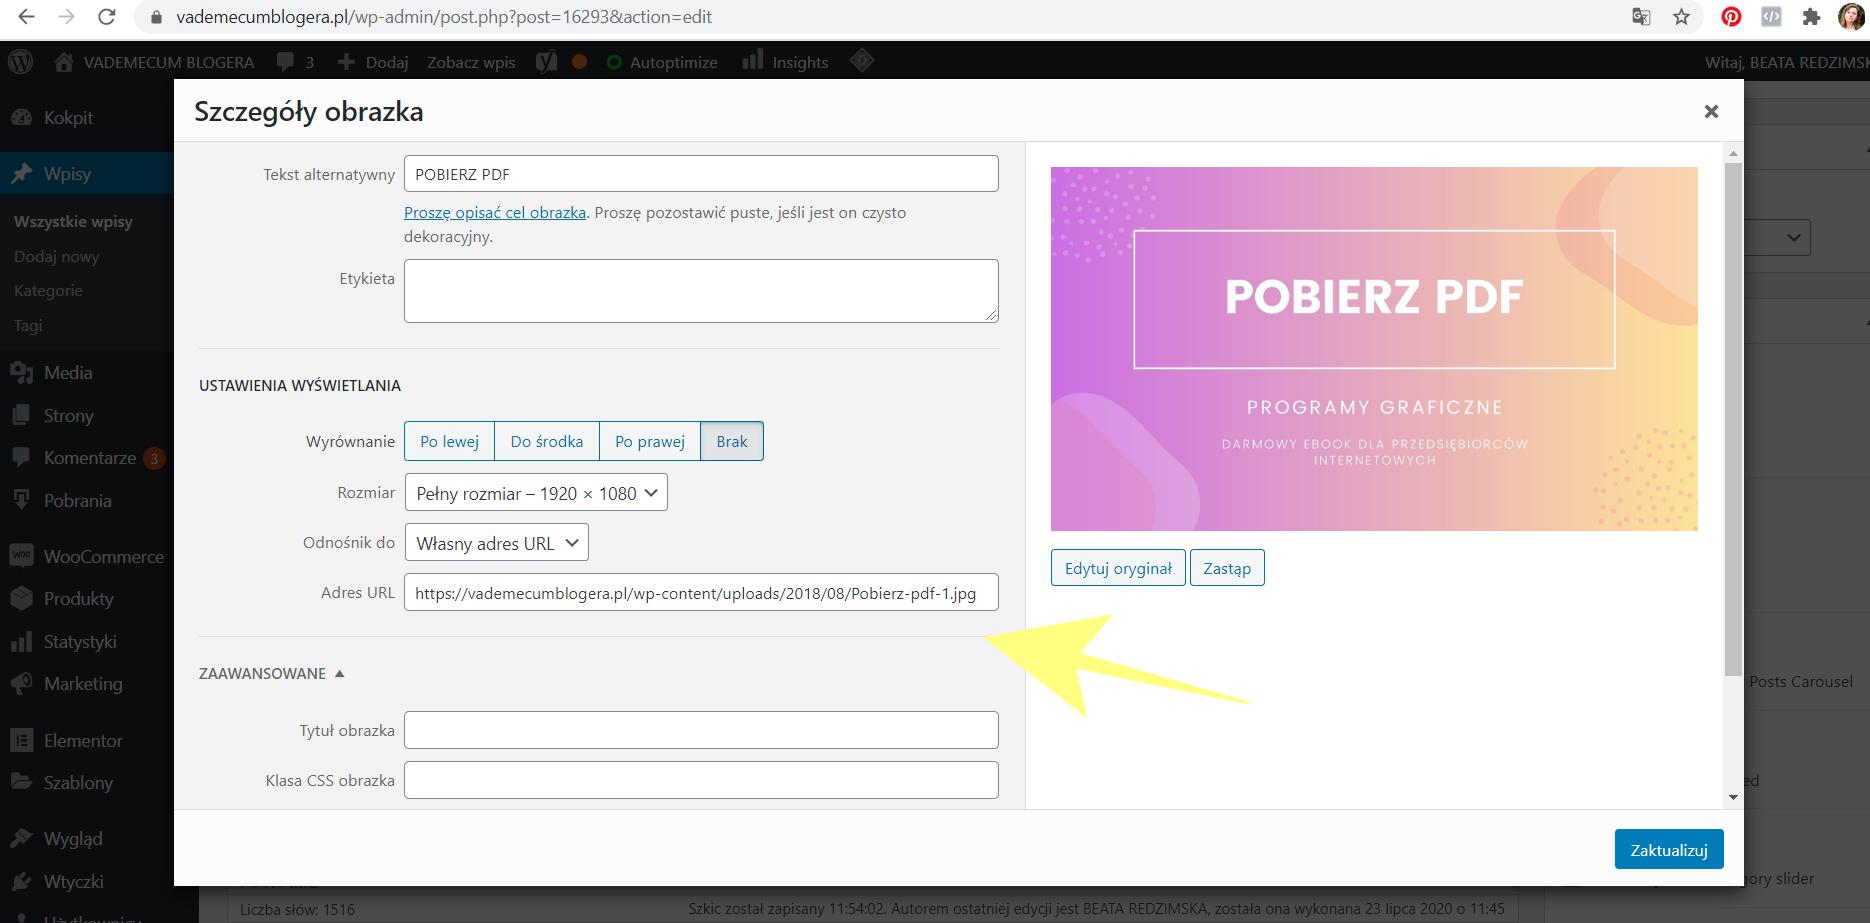 Jak podczepić pod zdjęcie na stronie dowolny link (np link do pdf - u do pobrania)?